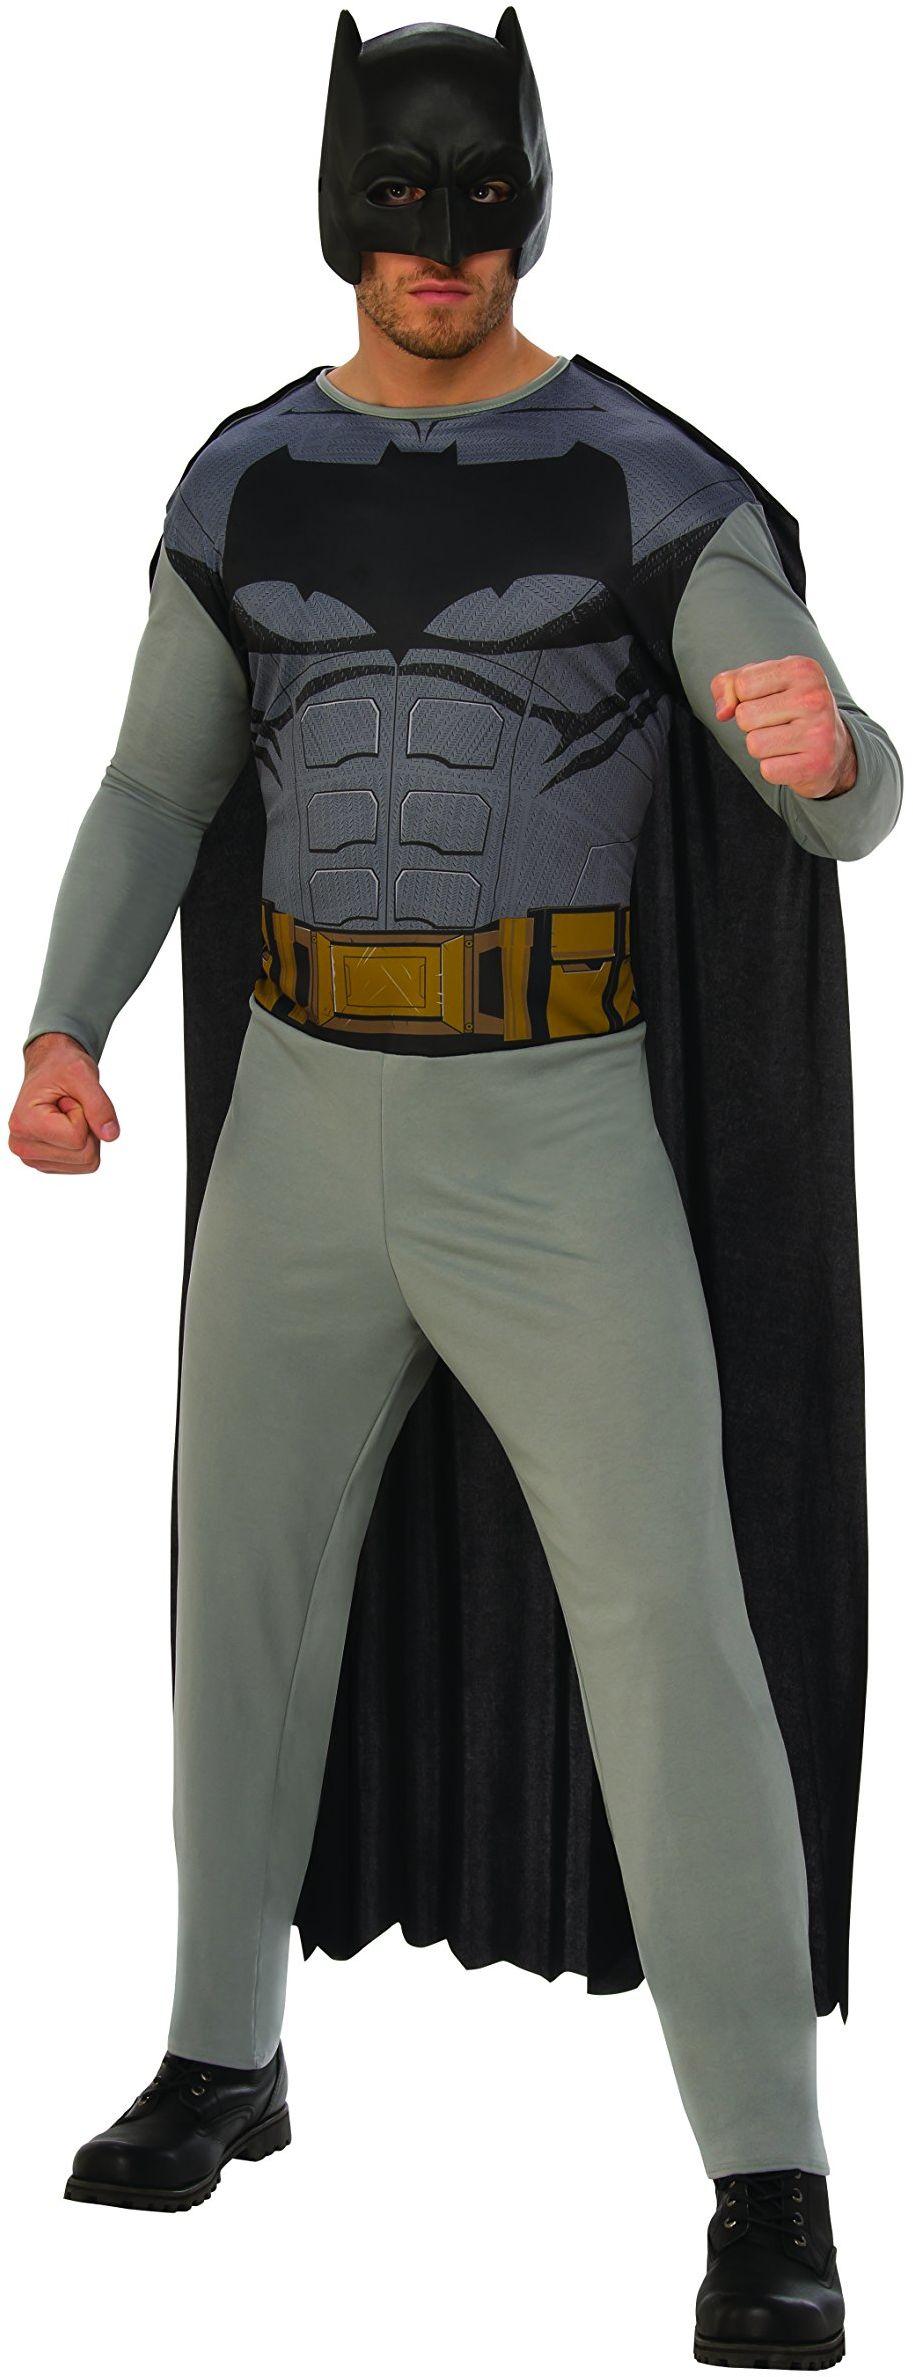 Batman  kostium dla dorosłych, M (Rubies Spain 820960-m)